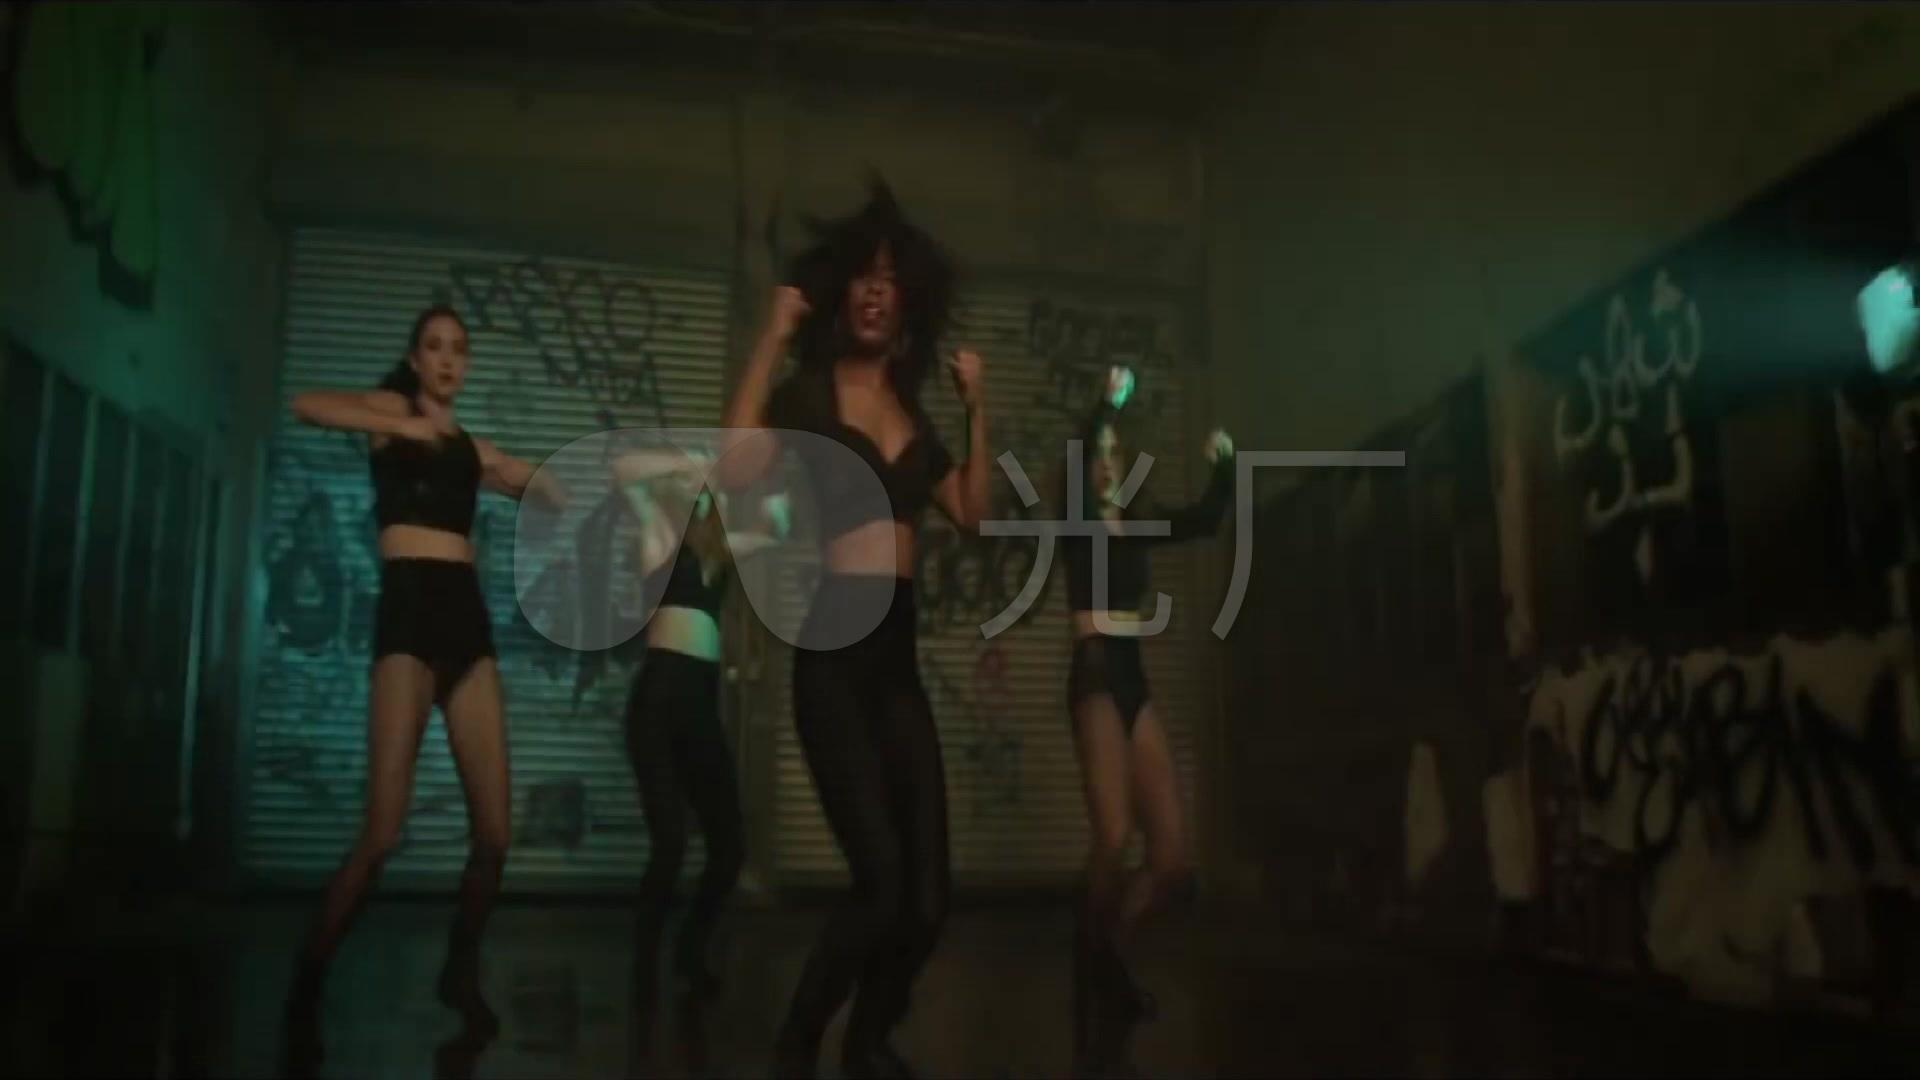 跳舞性感素材美女欢快酒吧女跳舞_1920X108v性感性感牛仔裤视频图片